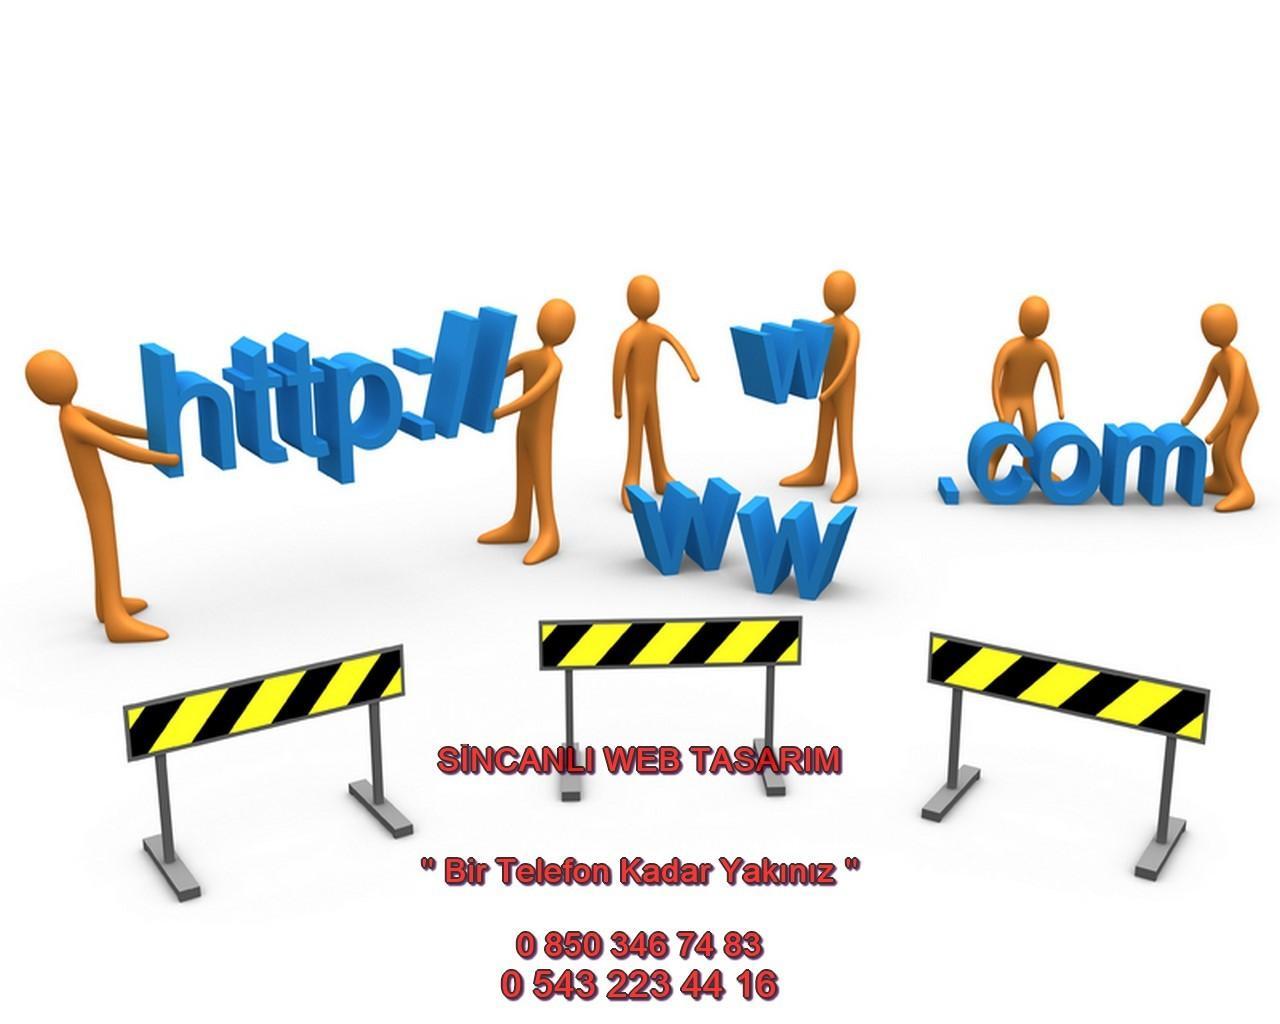 Sincanlı Web Tasarım